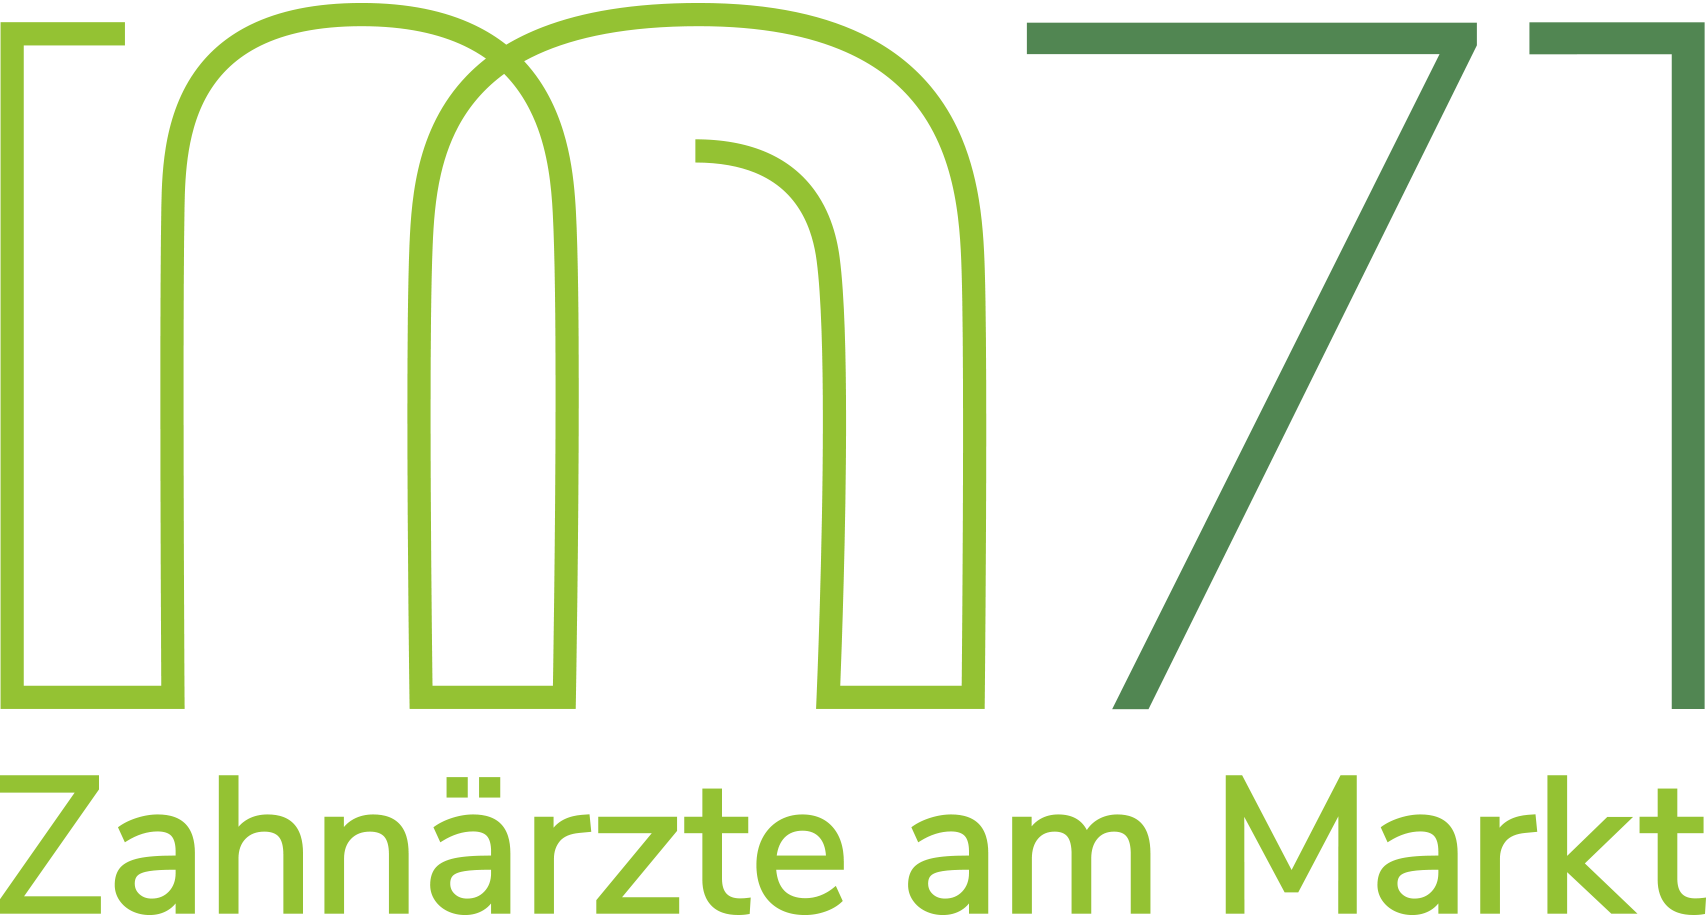 Feste Zähne Sankt Augustin | m71 – Zahnärzte am Markt